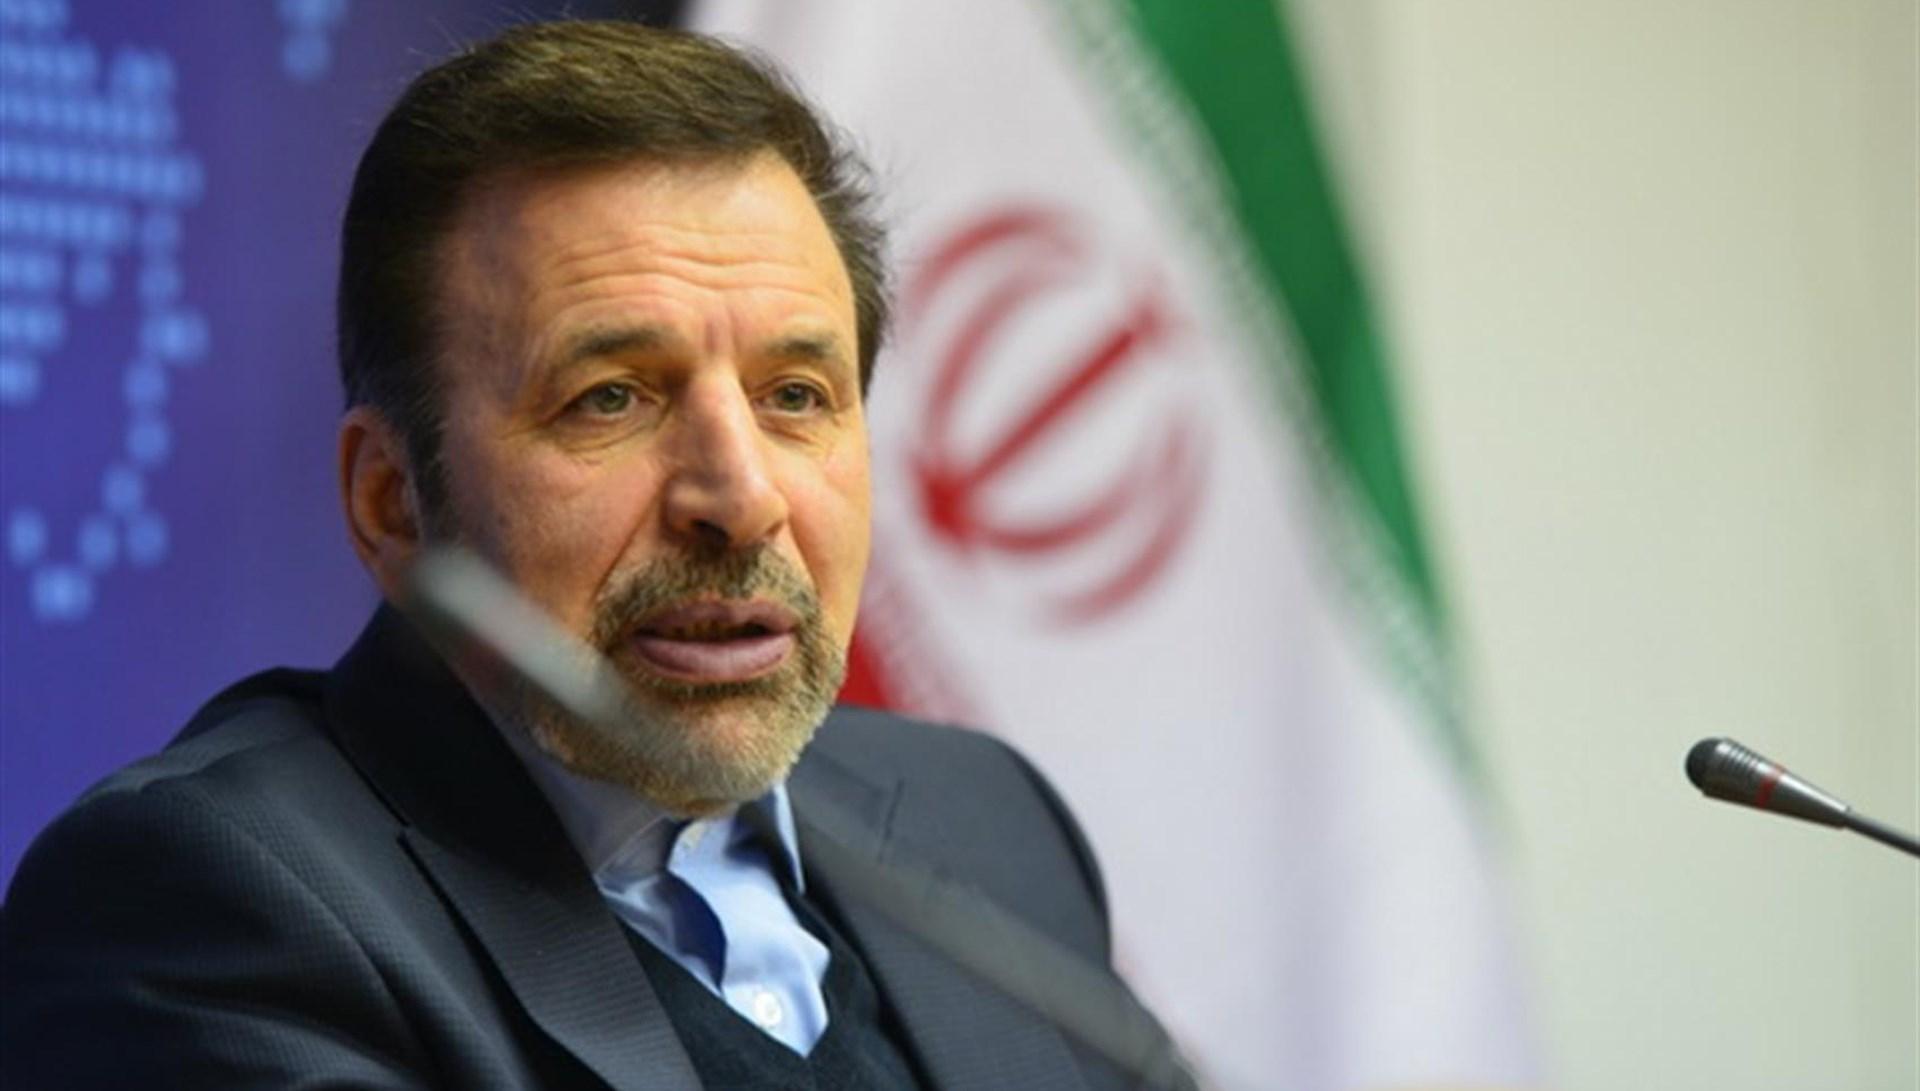 رئيس مكتب الرئيس الإيراني محمود واعظي (صورة أرشيفية).